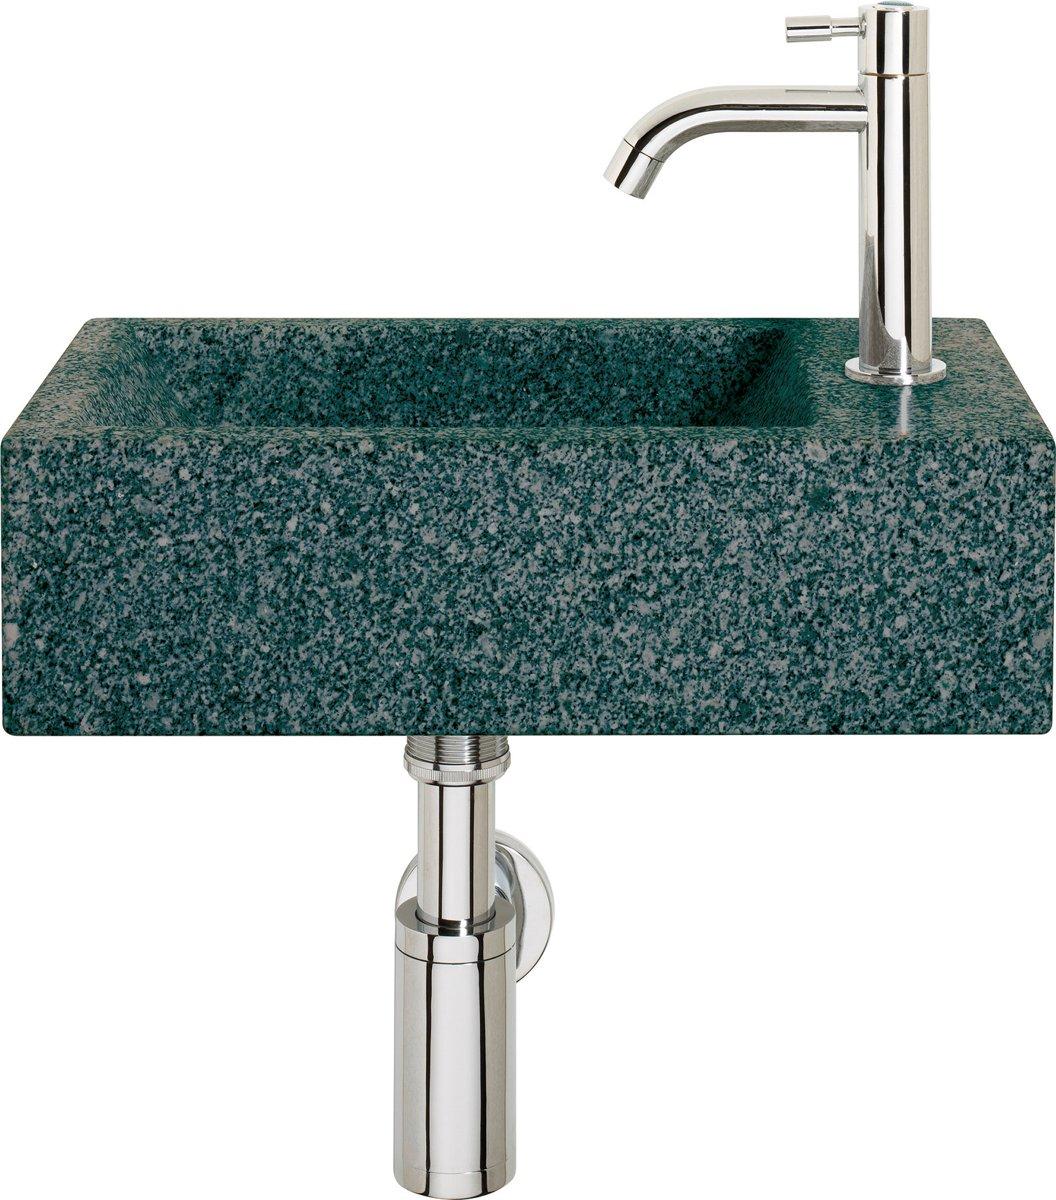 Differnz Cheops Fontein Toilet Rechts - Set - Fontein 40 x 23 cm inclusief fonteinkraan en sifon - Natuursteen - Grijs kopen